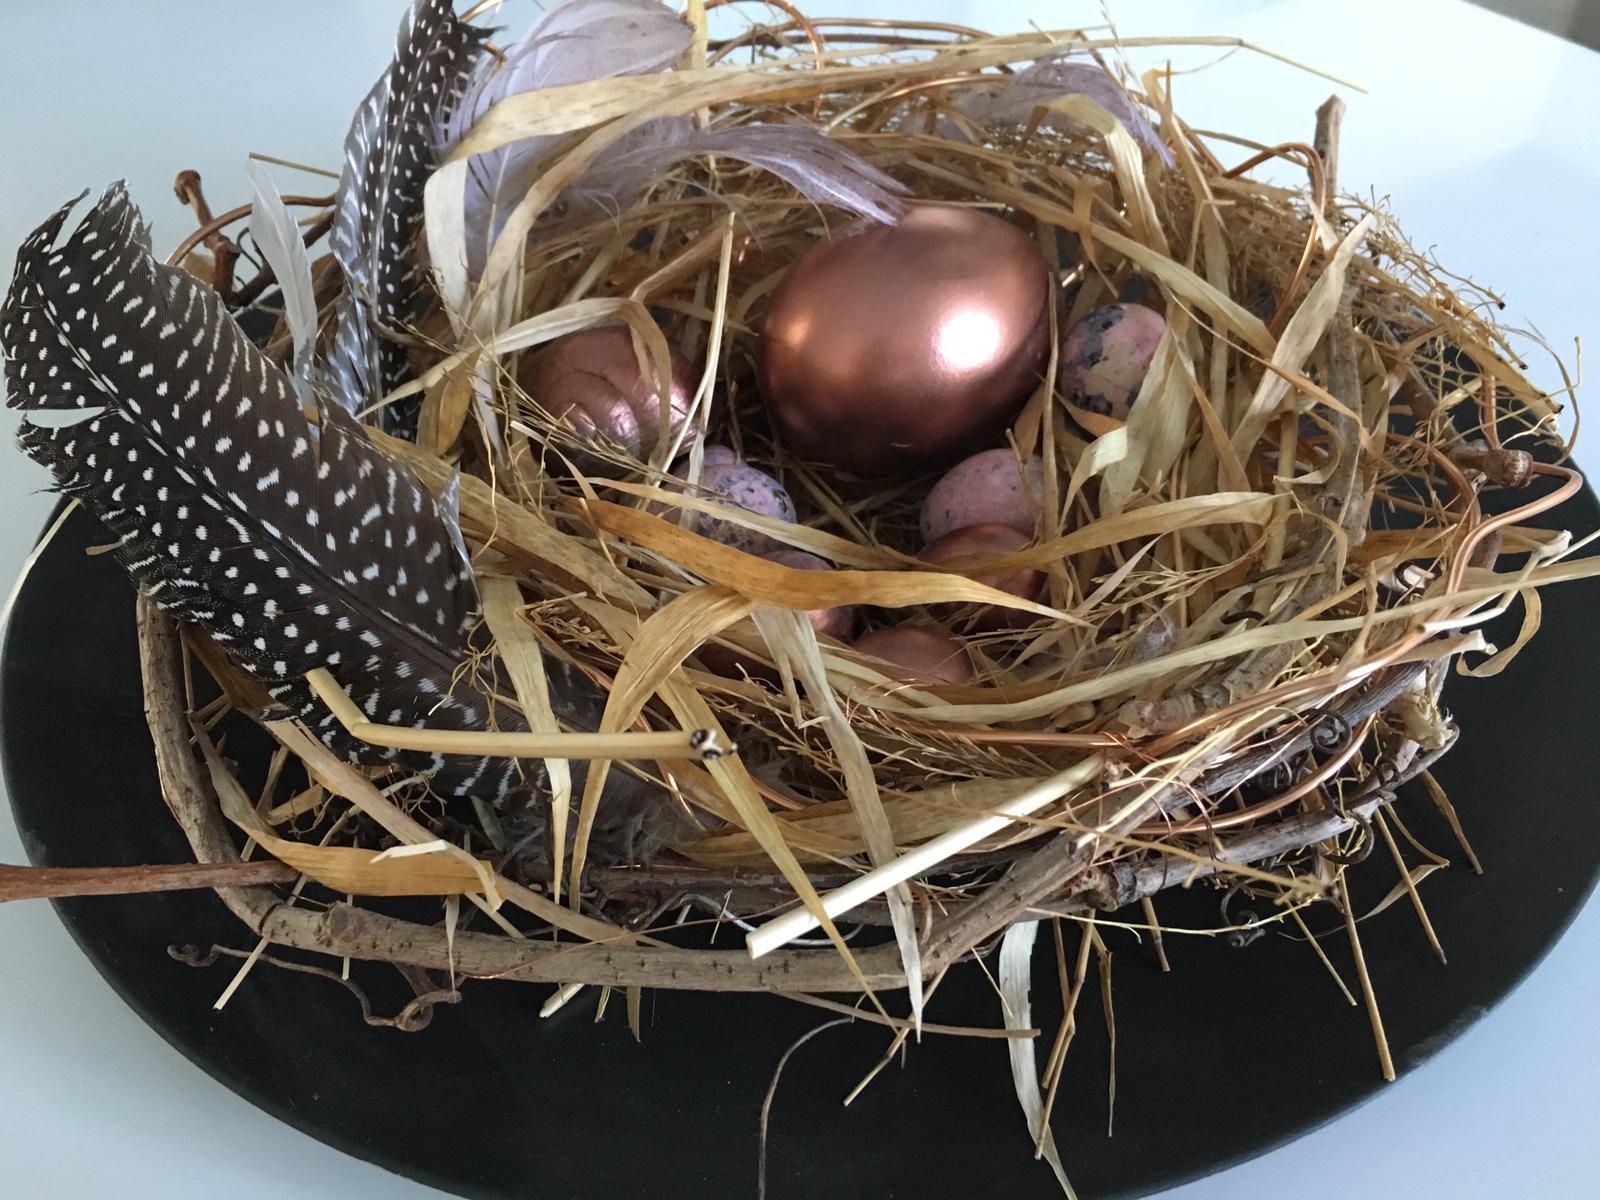 Ostern Nest aus Stroh geflochten.geschmückt mit Perlhühn Feder ,auf schwarzen Teller .In der Mitte sind einige bronzegefärbte Eier in verschiedenen Größen